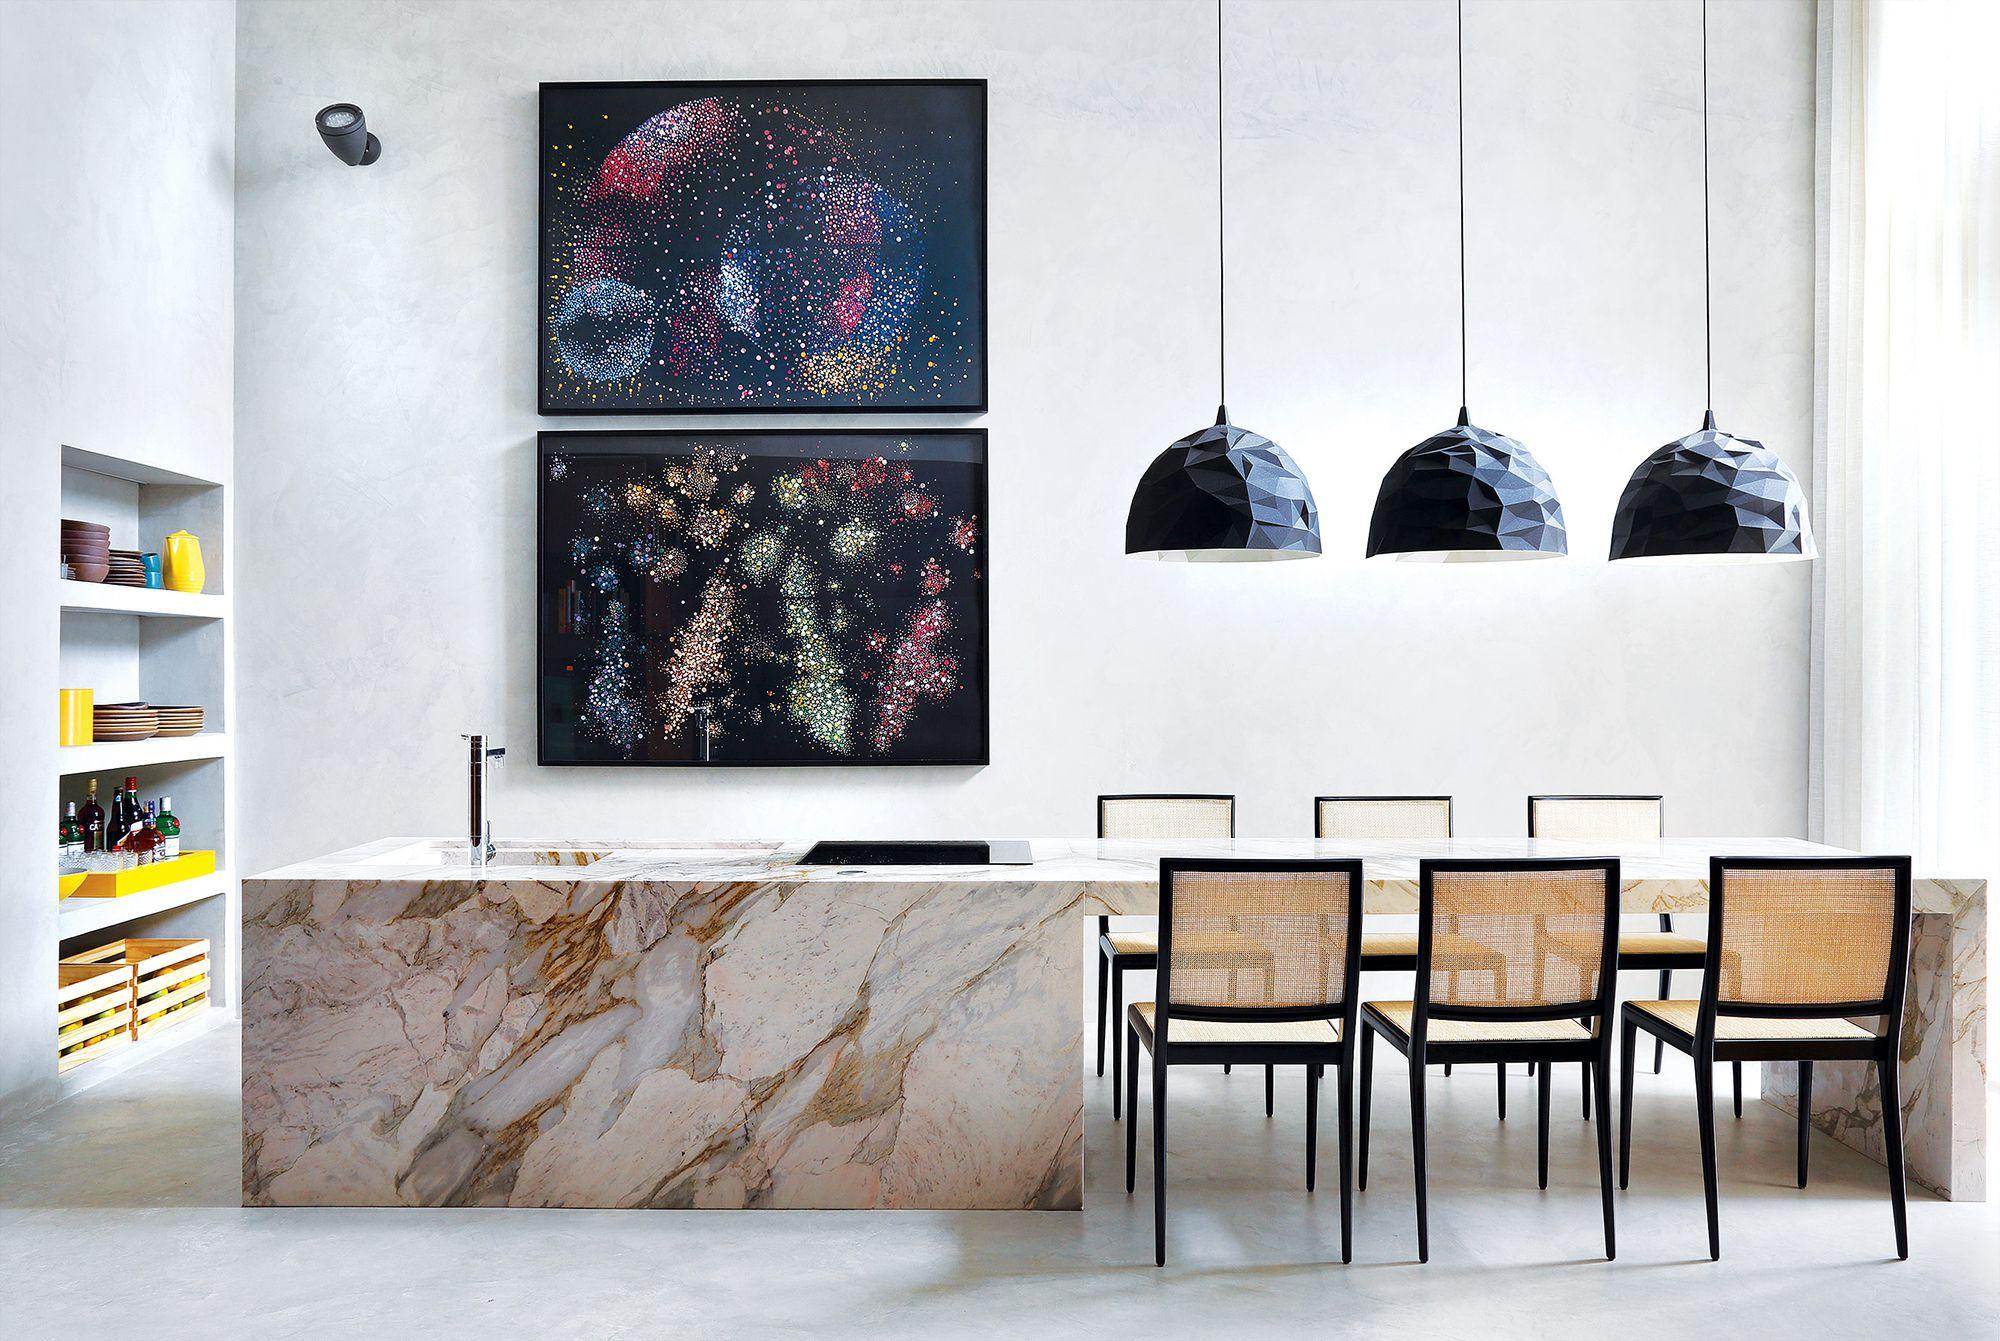 Pensada Como Continua O Da Ilha Da Cozinha A Mesa De M Rmore  -> Sala De Jantar Pequena Com Mesa De Marmore